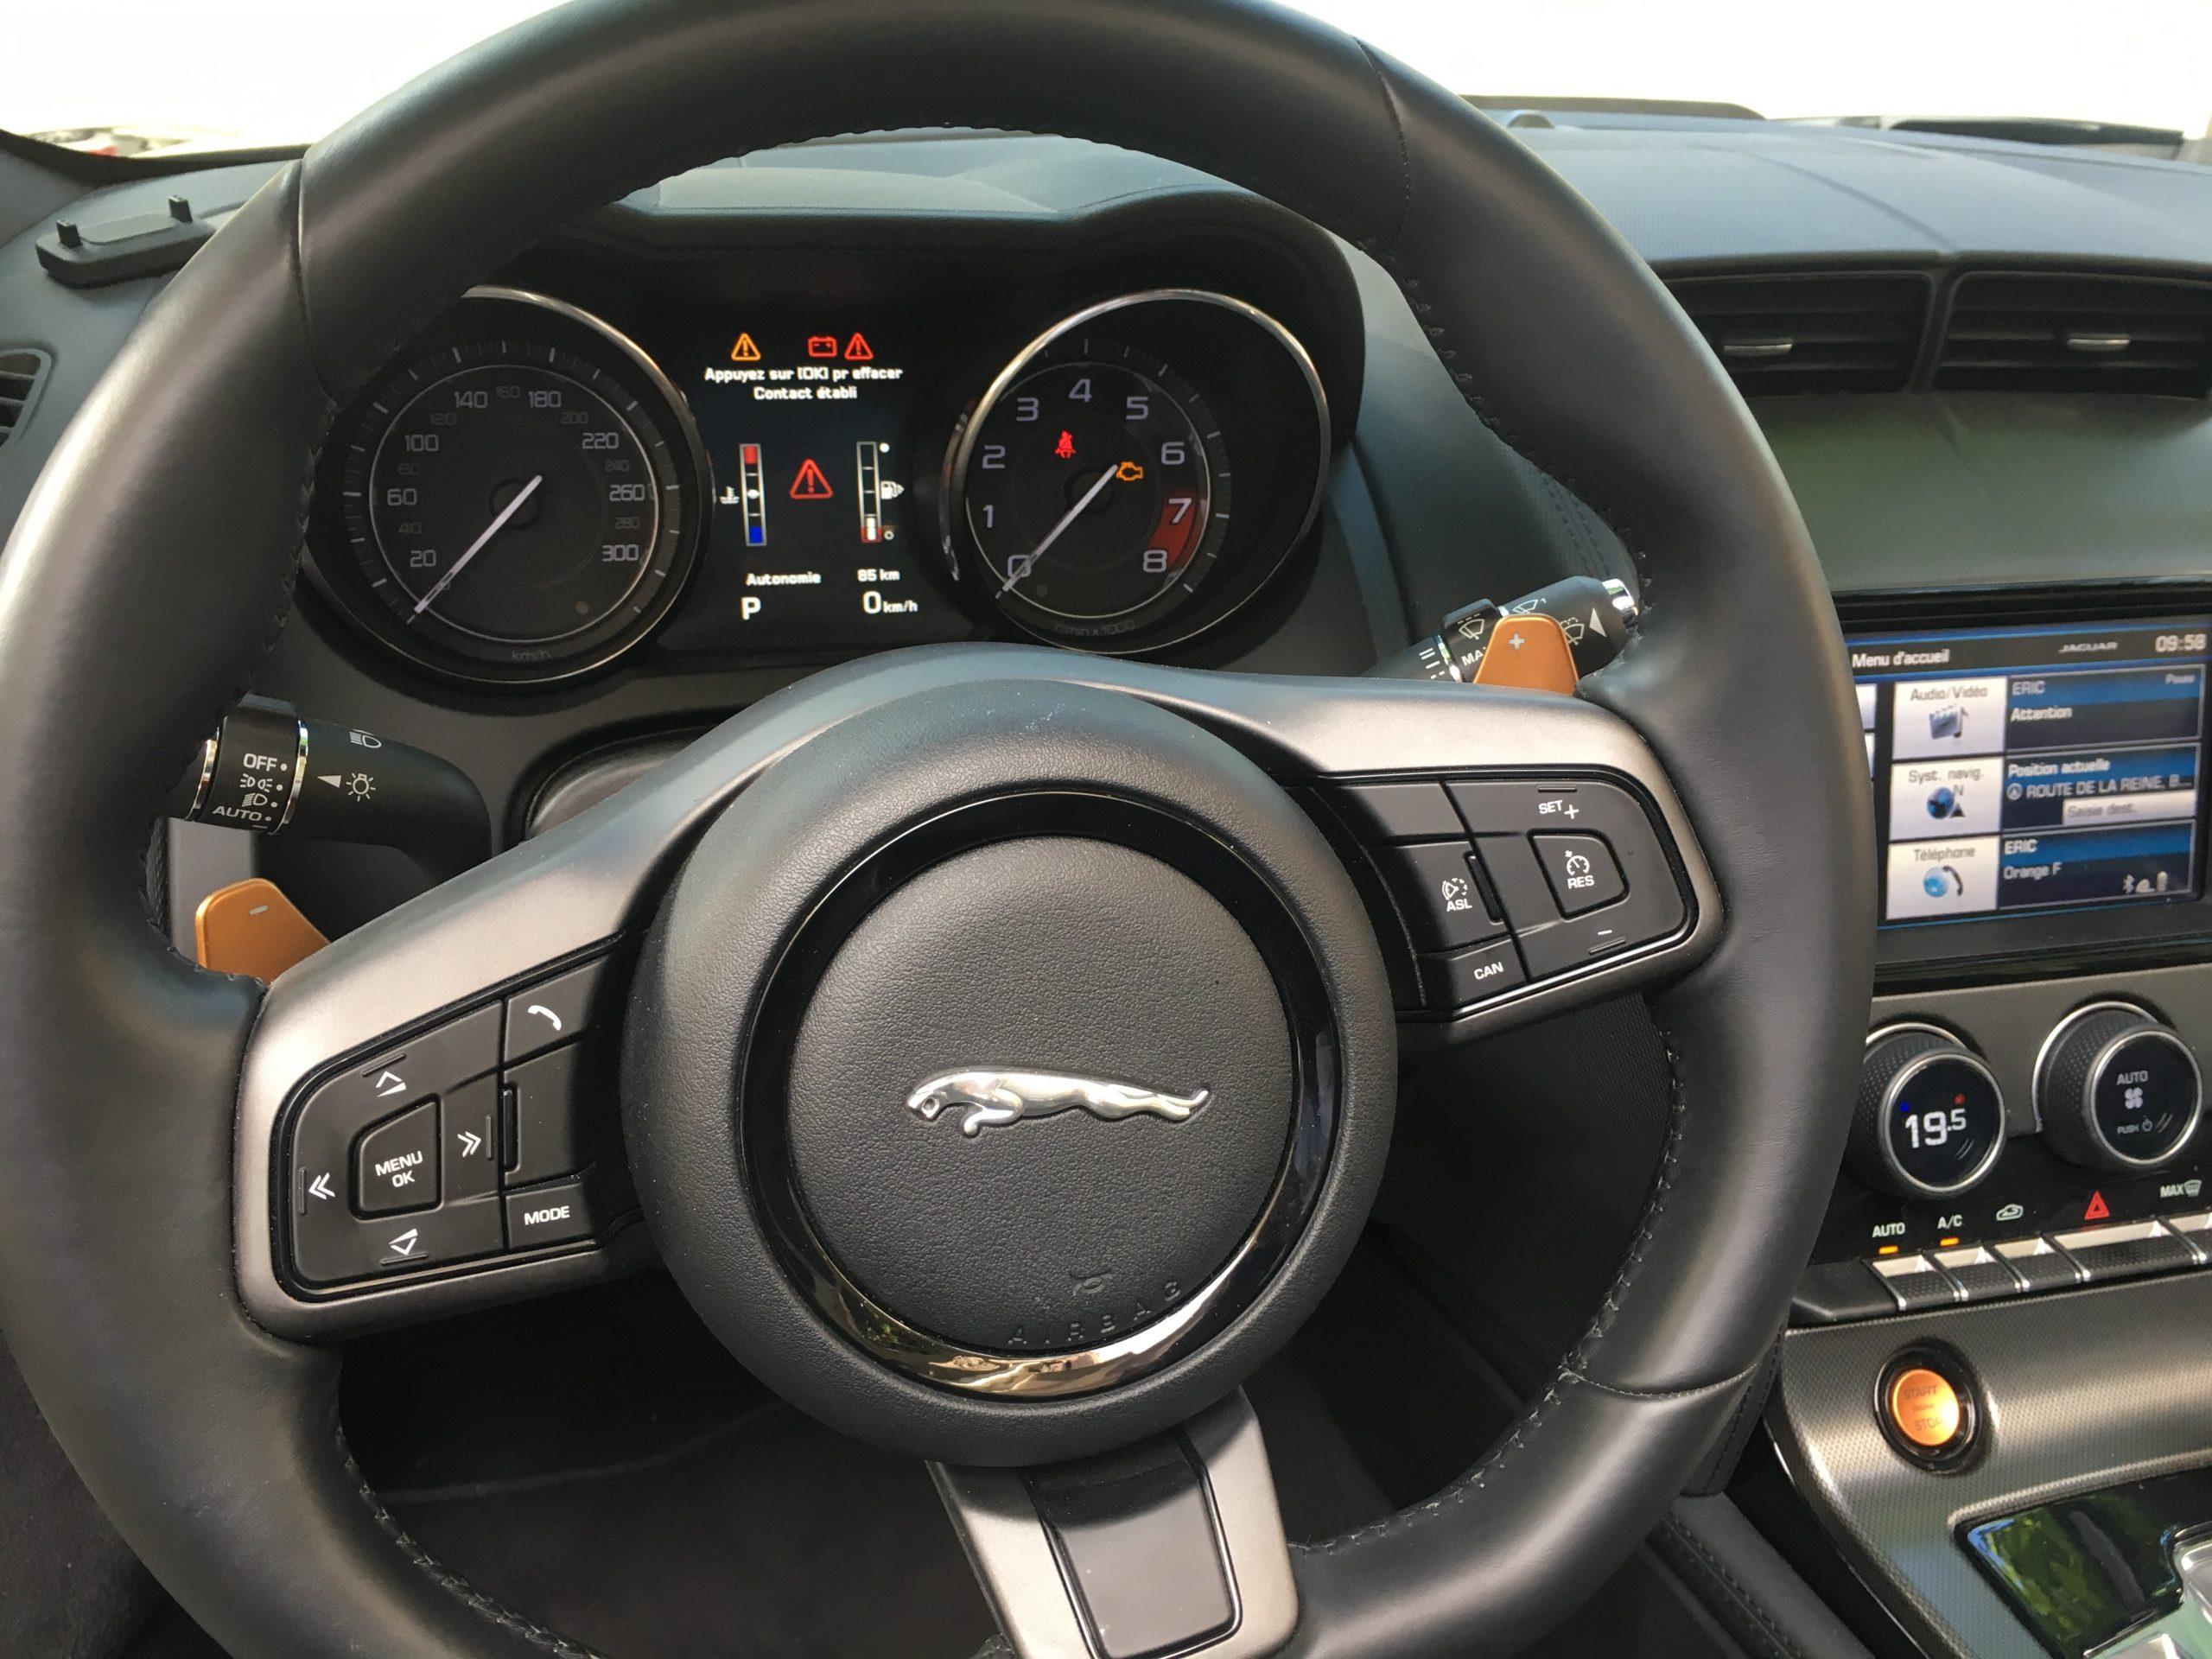 Jaguar F-Type Cabriolet 3.0 V6 380 S BVA8 française